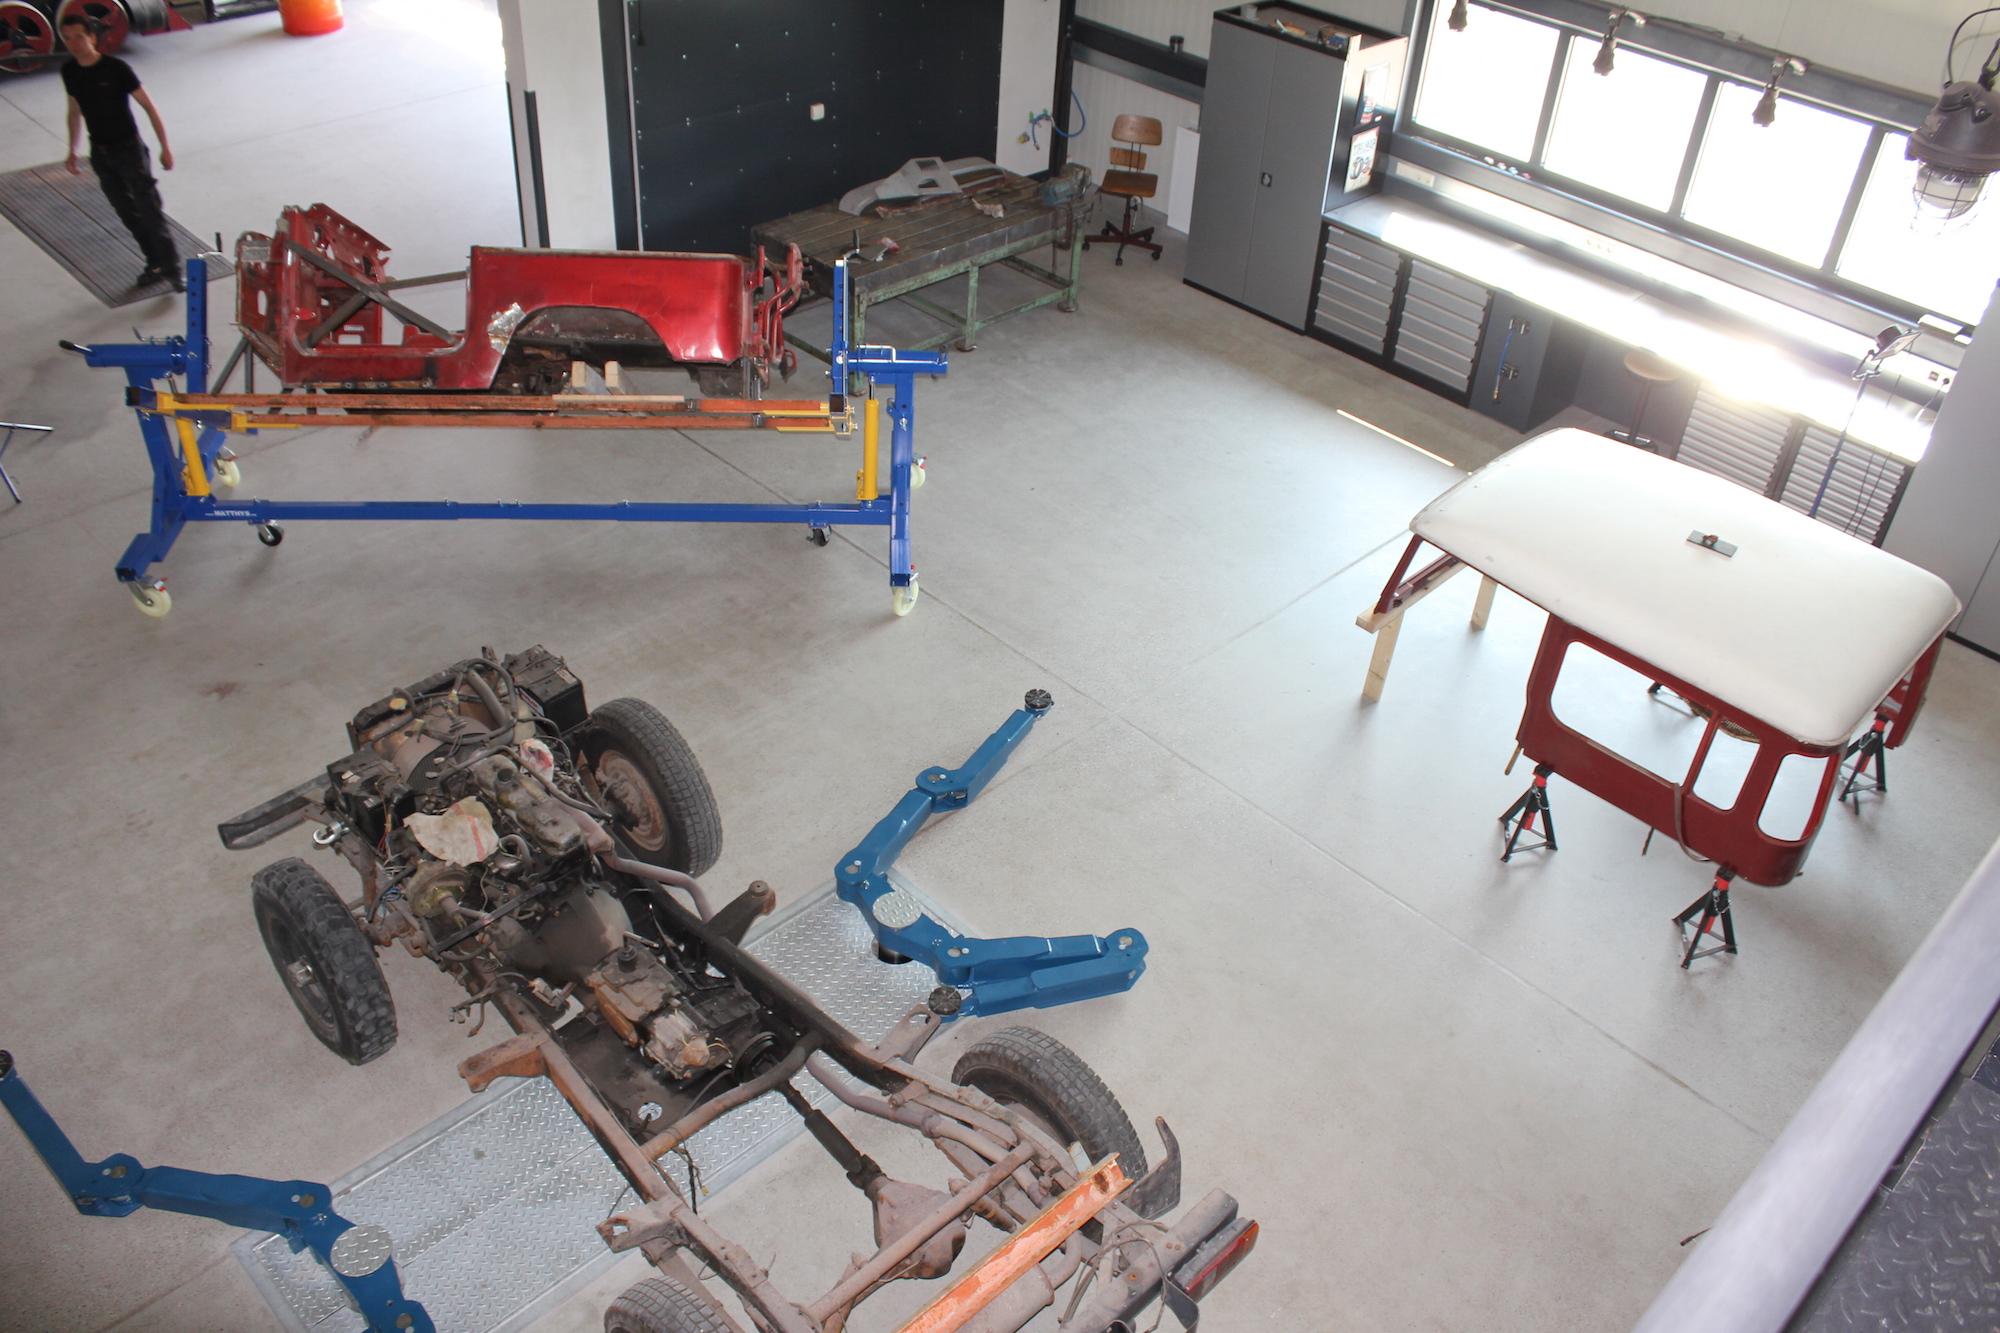 Jeep Station Mockrehna bei leipzig - Werkstatt für PKW, Geländewagen, Transporter und Oldtimer